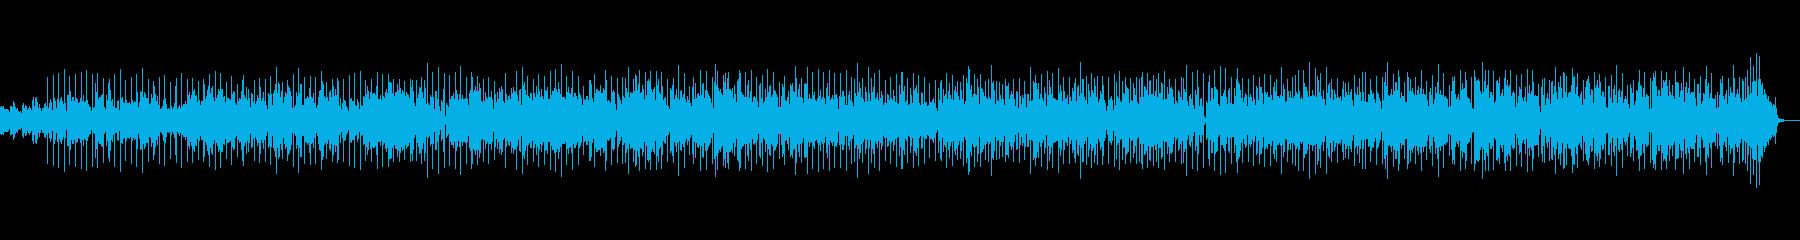 木琴のリズムで明るくほのぼのとした曲の再生済みの波形